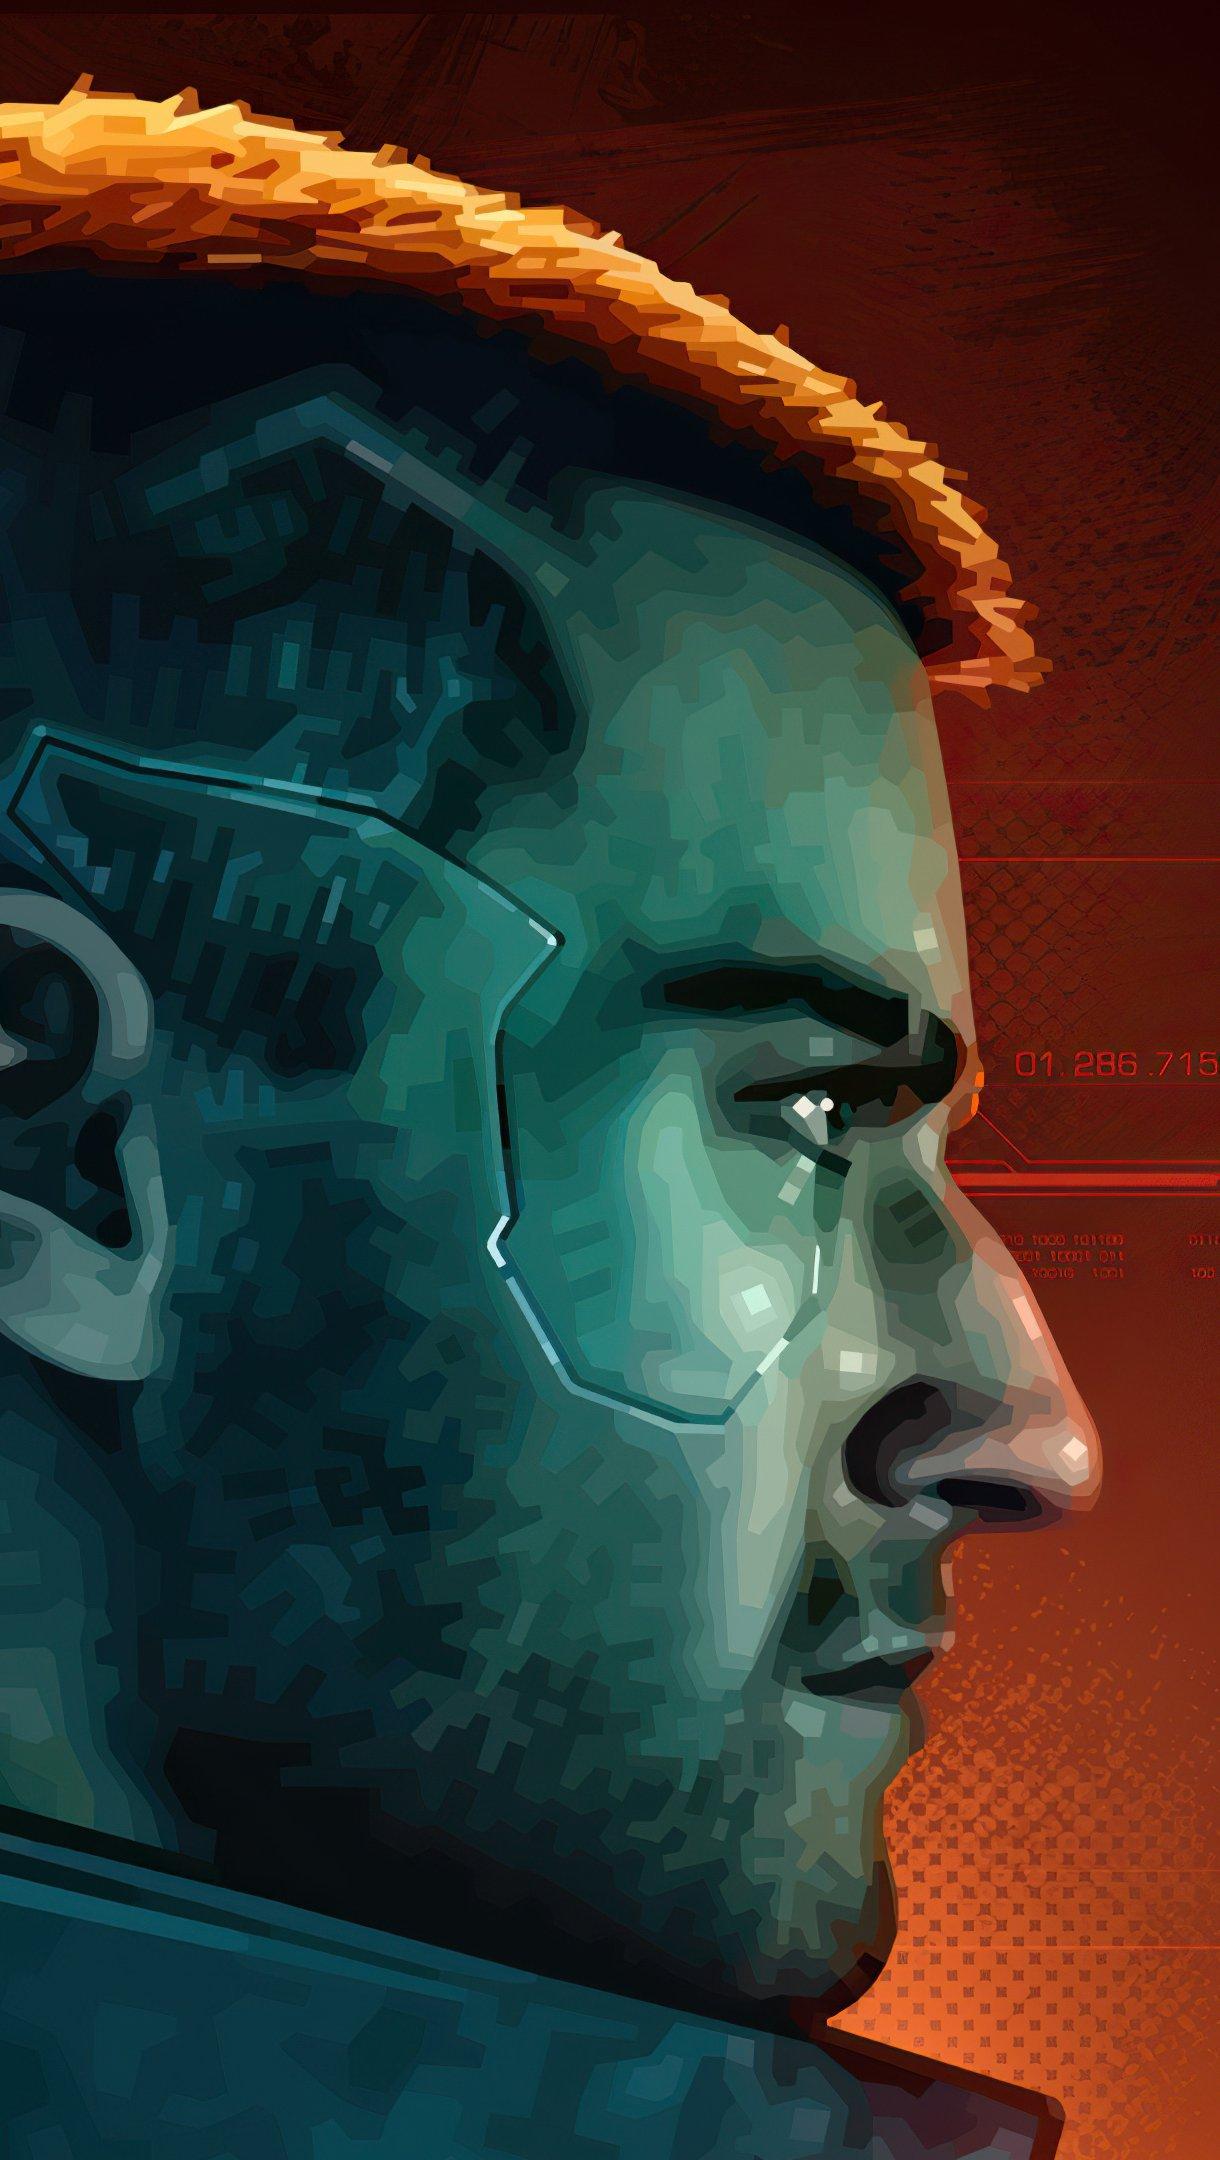 Wallpaper Character from Cyberpunk 2077 Vertical